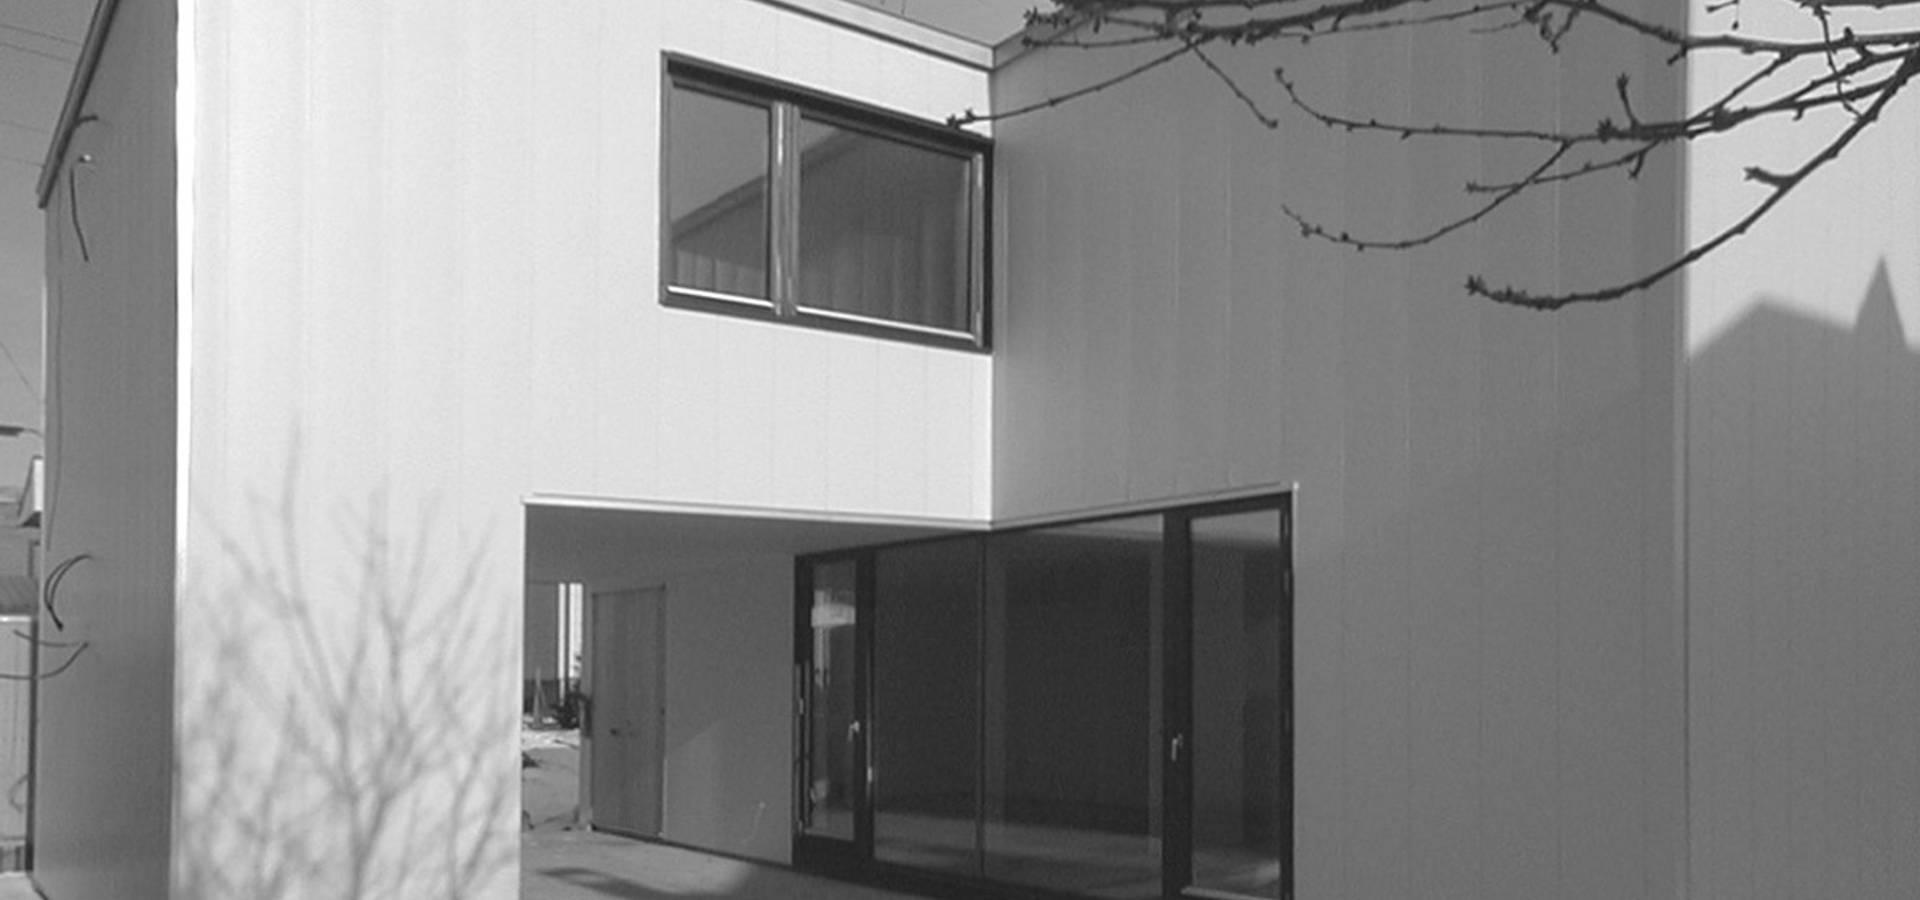 工藤智央建築研究所